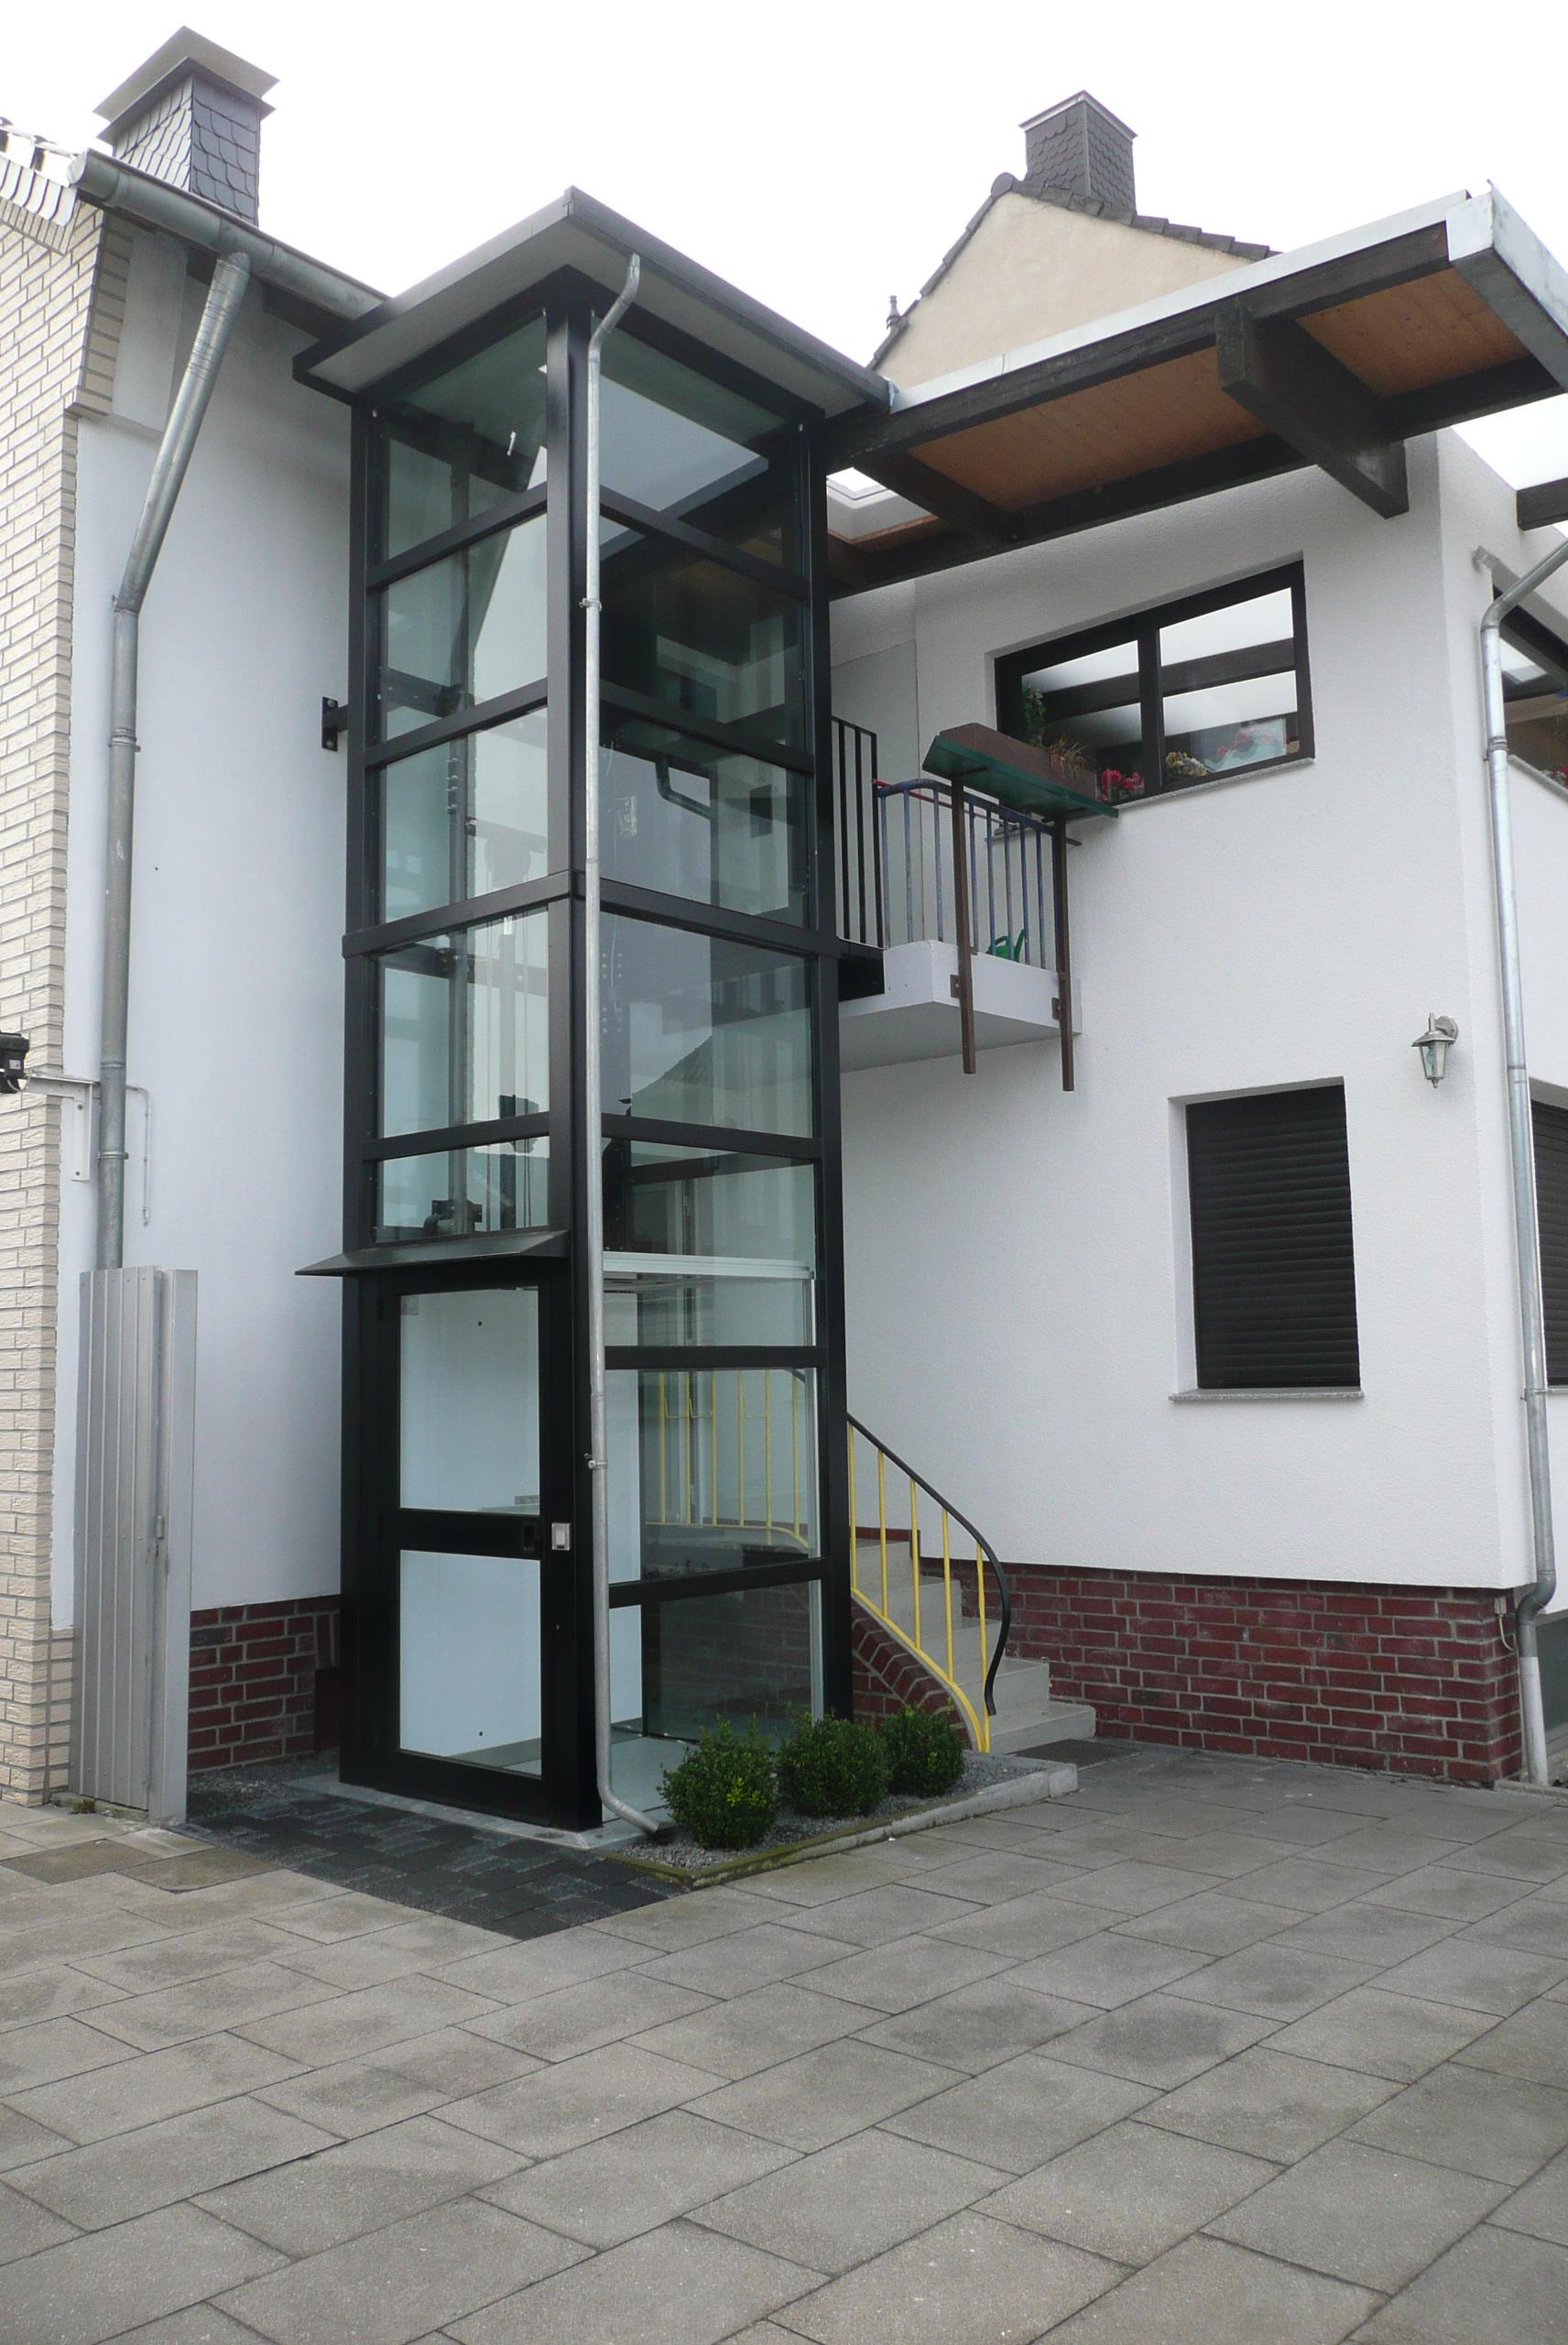 Eingang und Außenaufzug nebeneinander